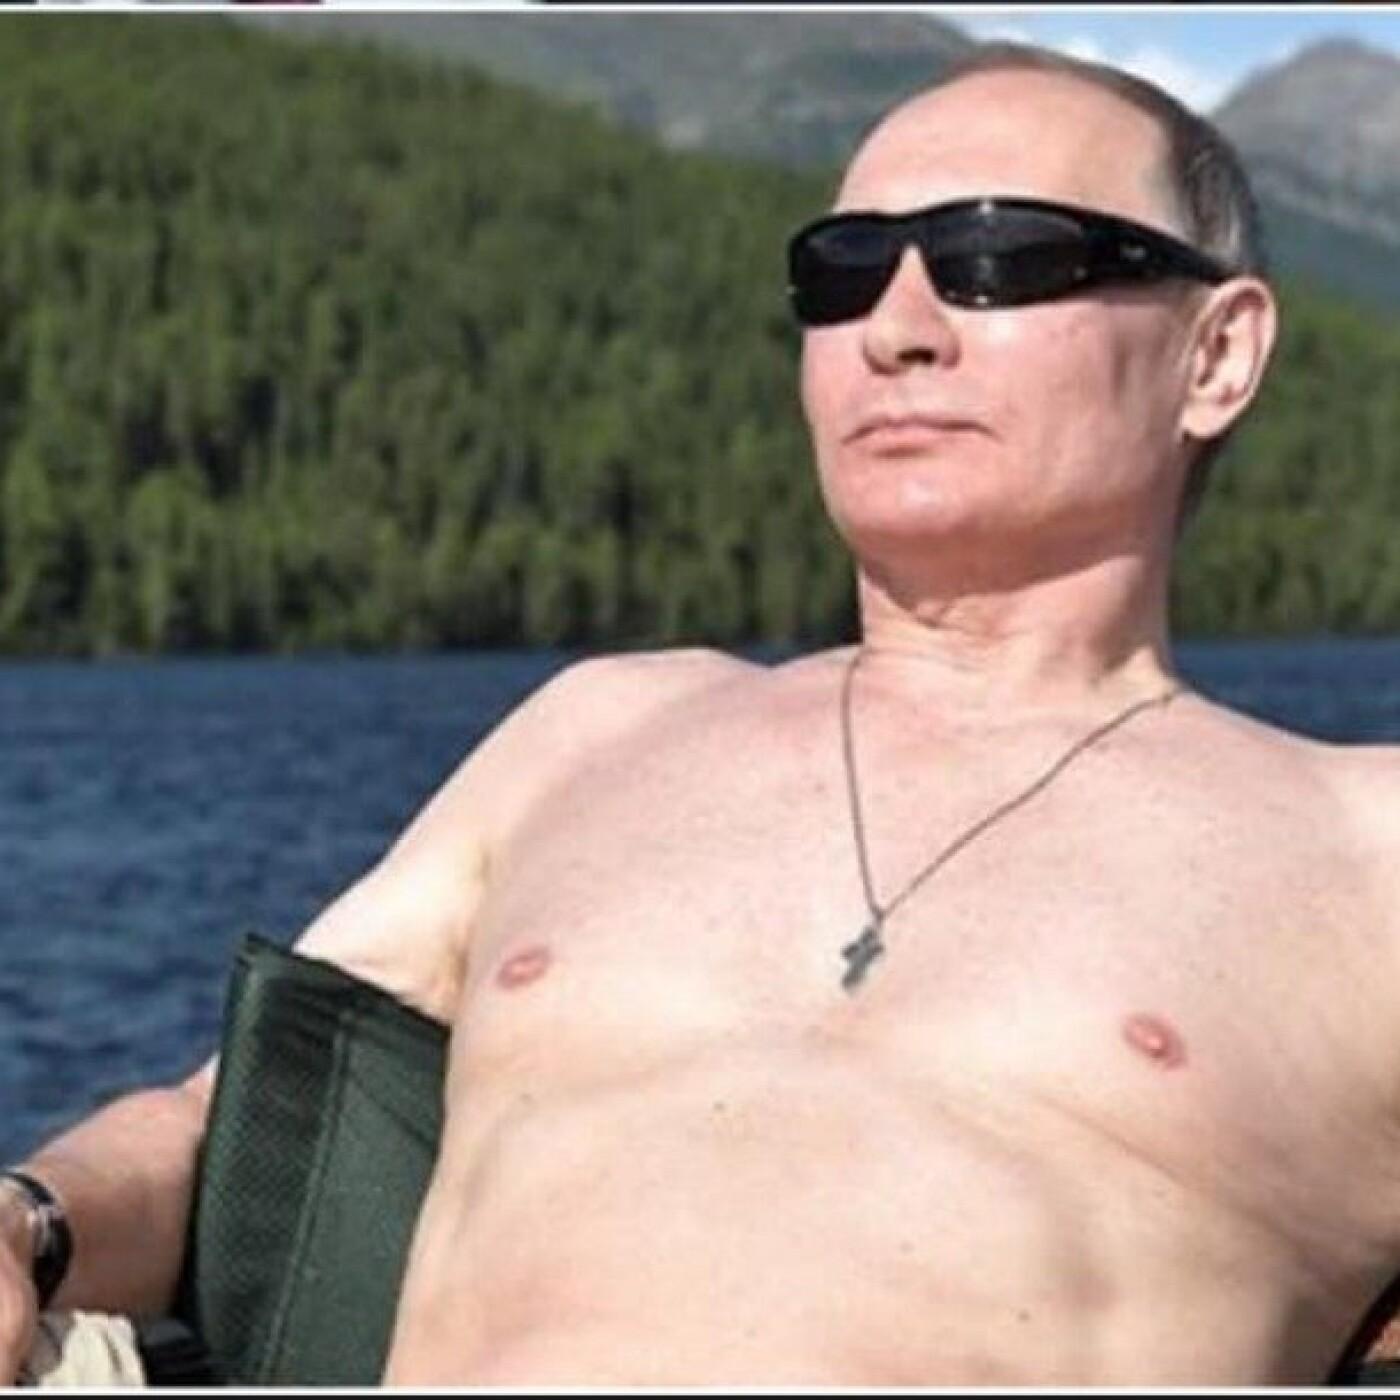 Mais qui est donc l'homme le plus sexy de Russie, Humeur du jour - 07 04 21 - StereoChic Radio